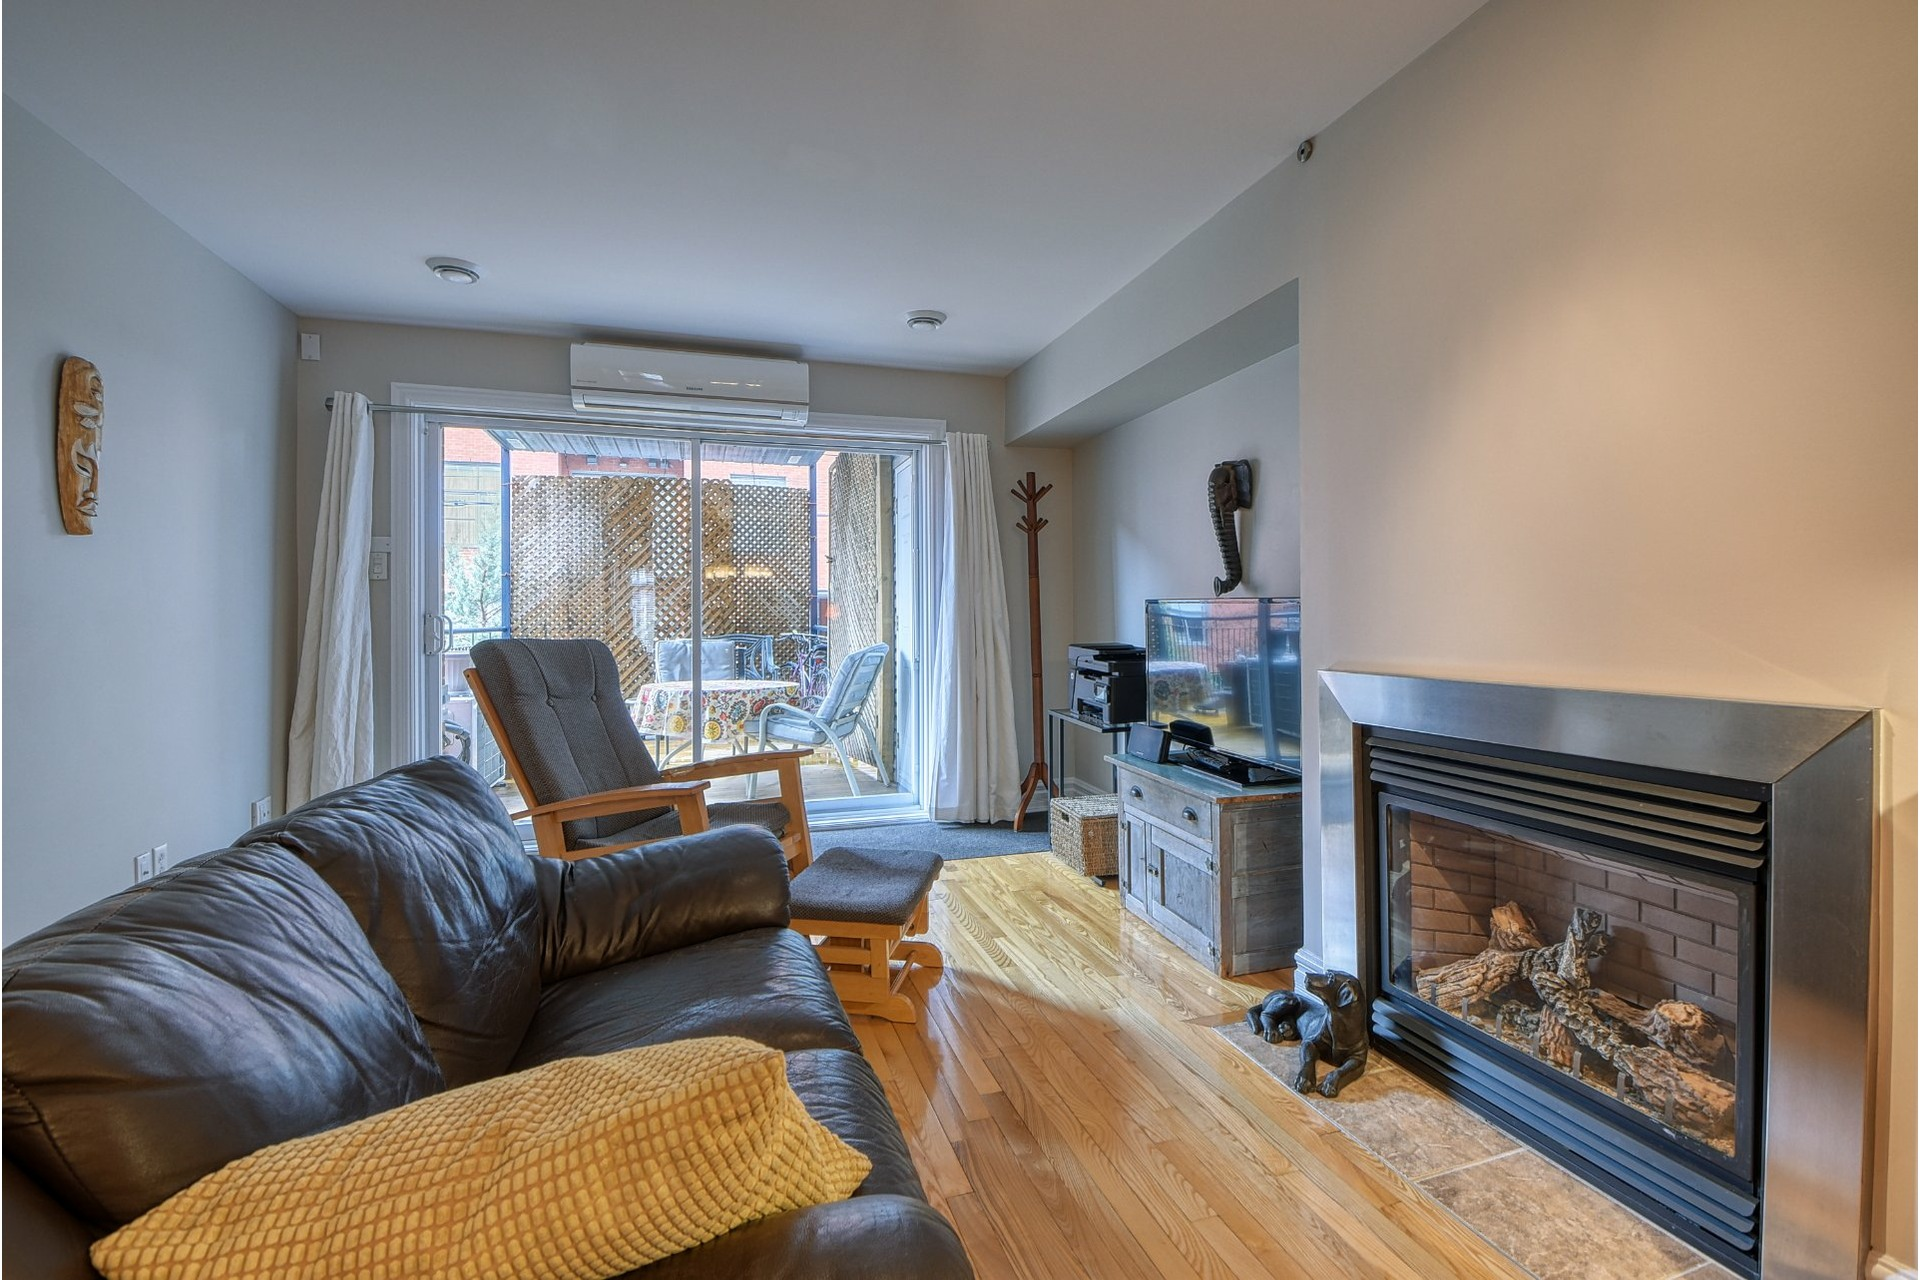 image 3 - Appartement À louer Le Plateau-Mont-Royal Montréal  - 5 pièces